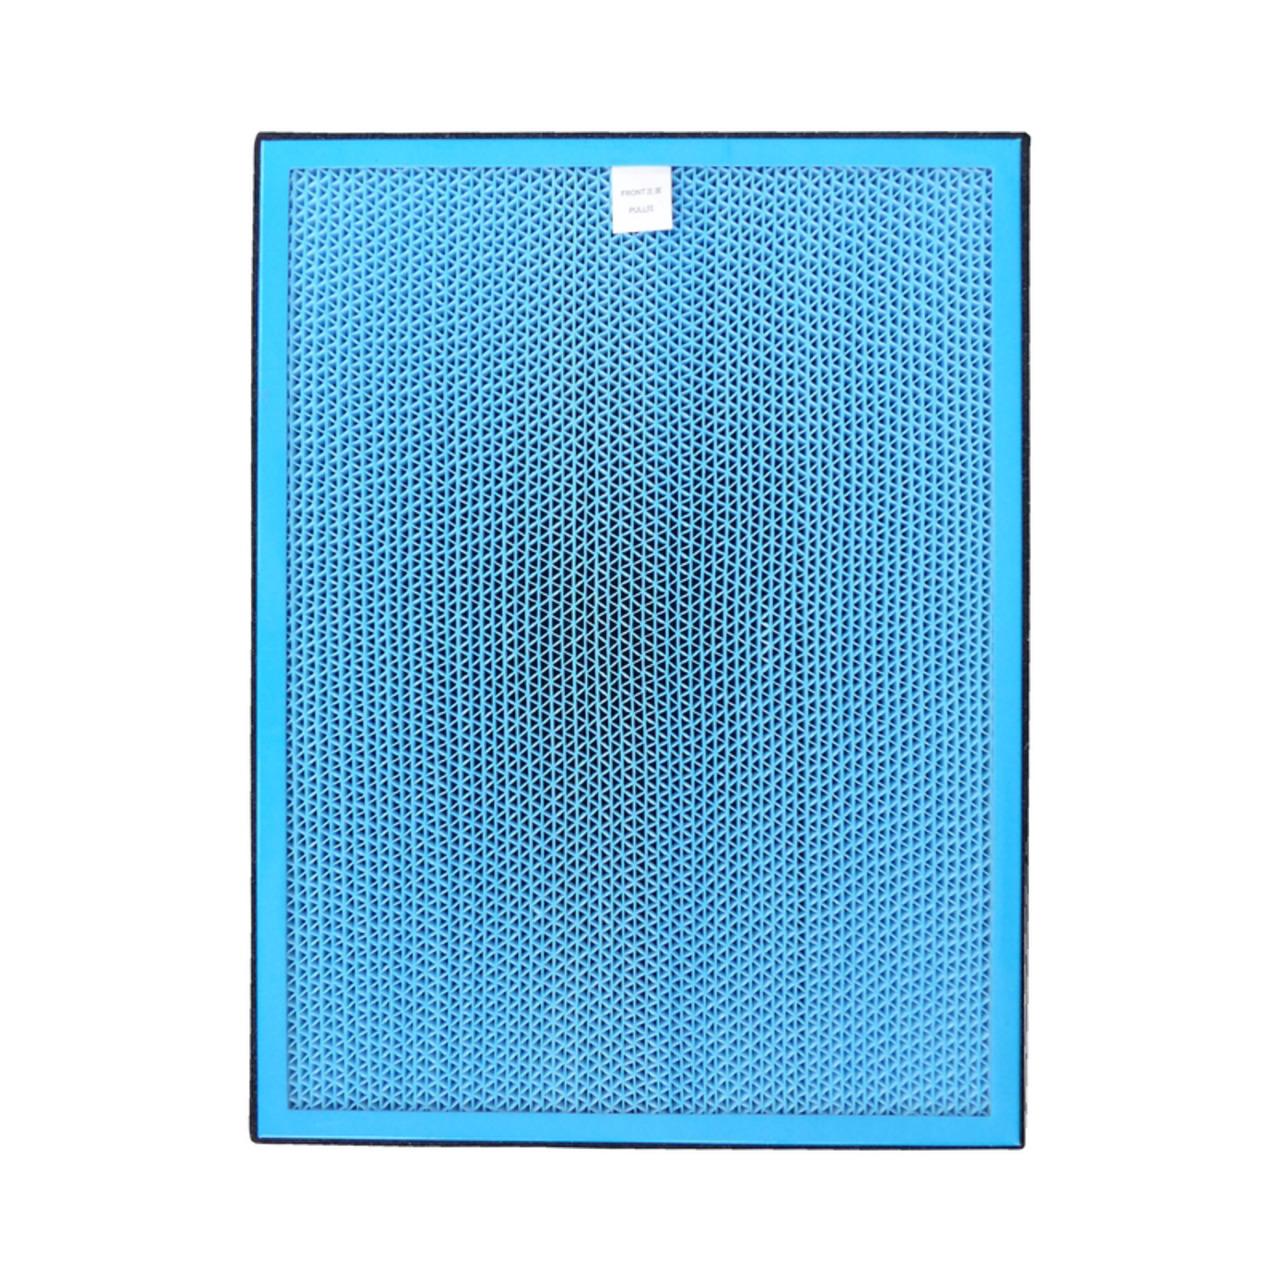 Image of Aktobis Ersatz-Katalysator-Filter für Luftreiniger WHD-AP-1101